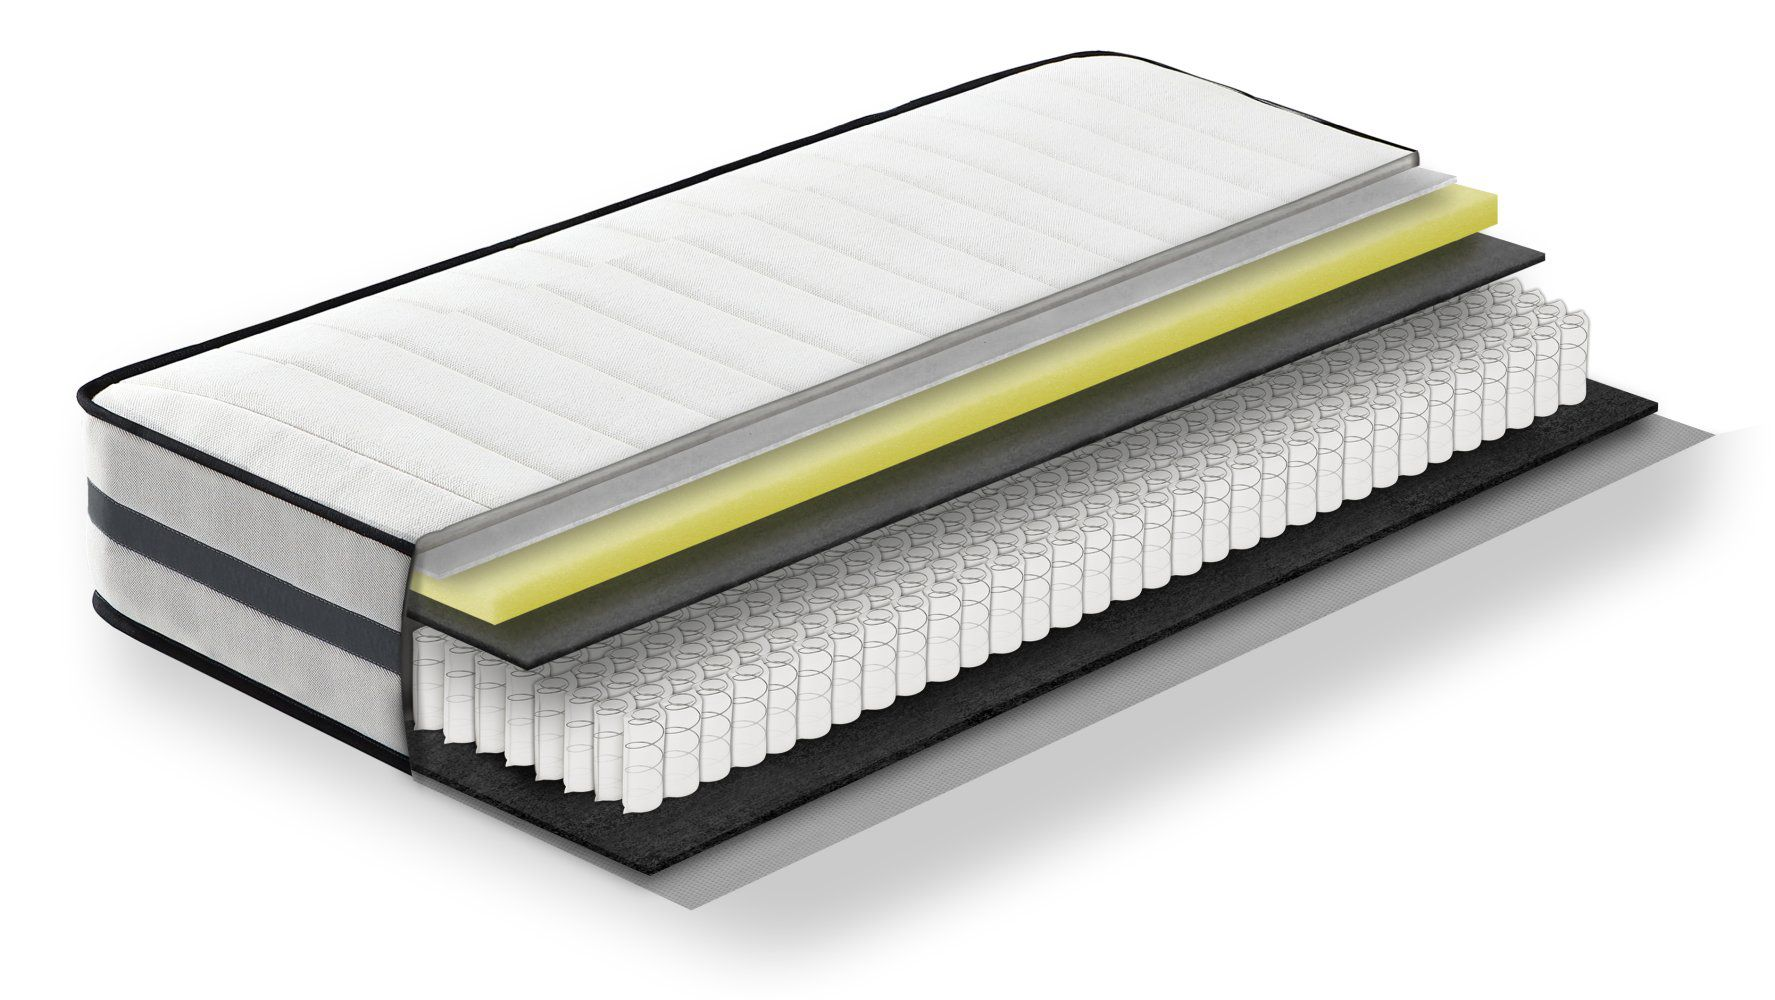 Steiner Premium matras Fantasy met pocketveren kern - afmeting: 90 x 190 cm, hardheidsgraad H2-H3, hoogte: 22,5 cm